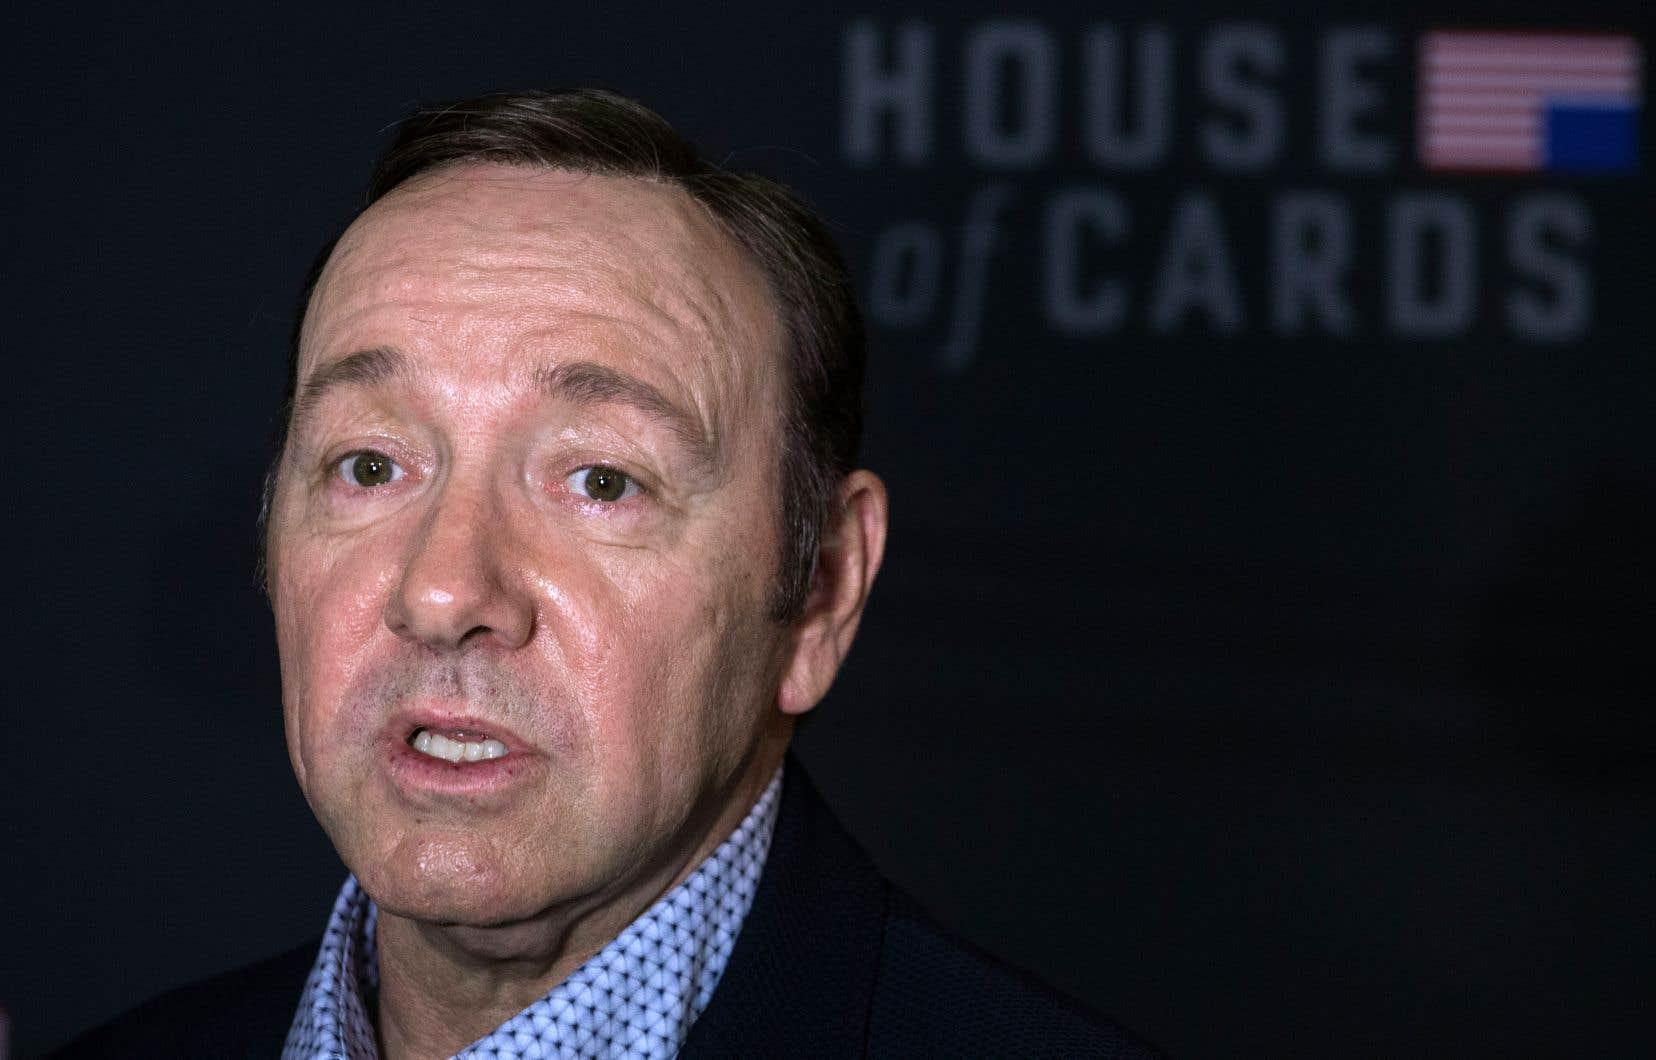 Cette vague d'accusations a eu de lourdes conséquences sur la carrière et la réputation de l'acteur américain.